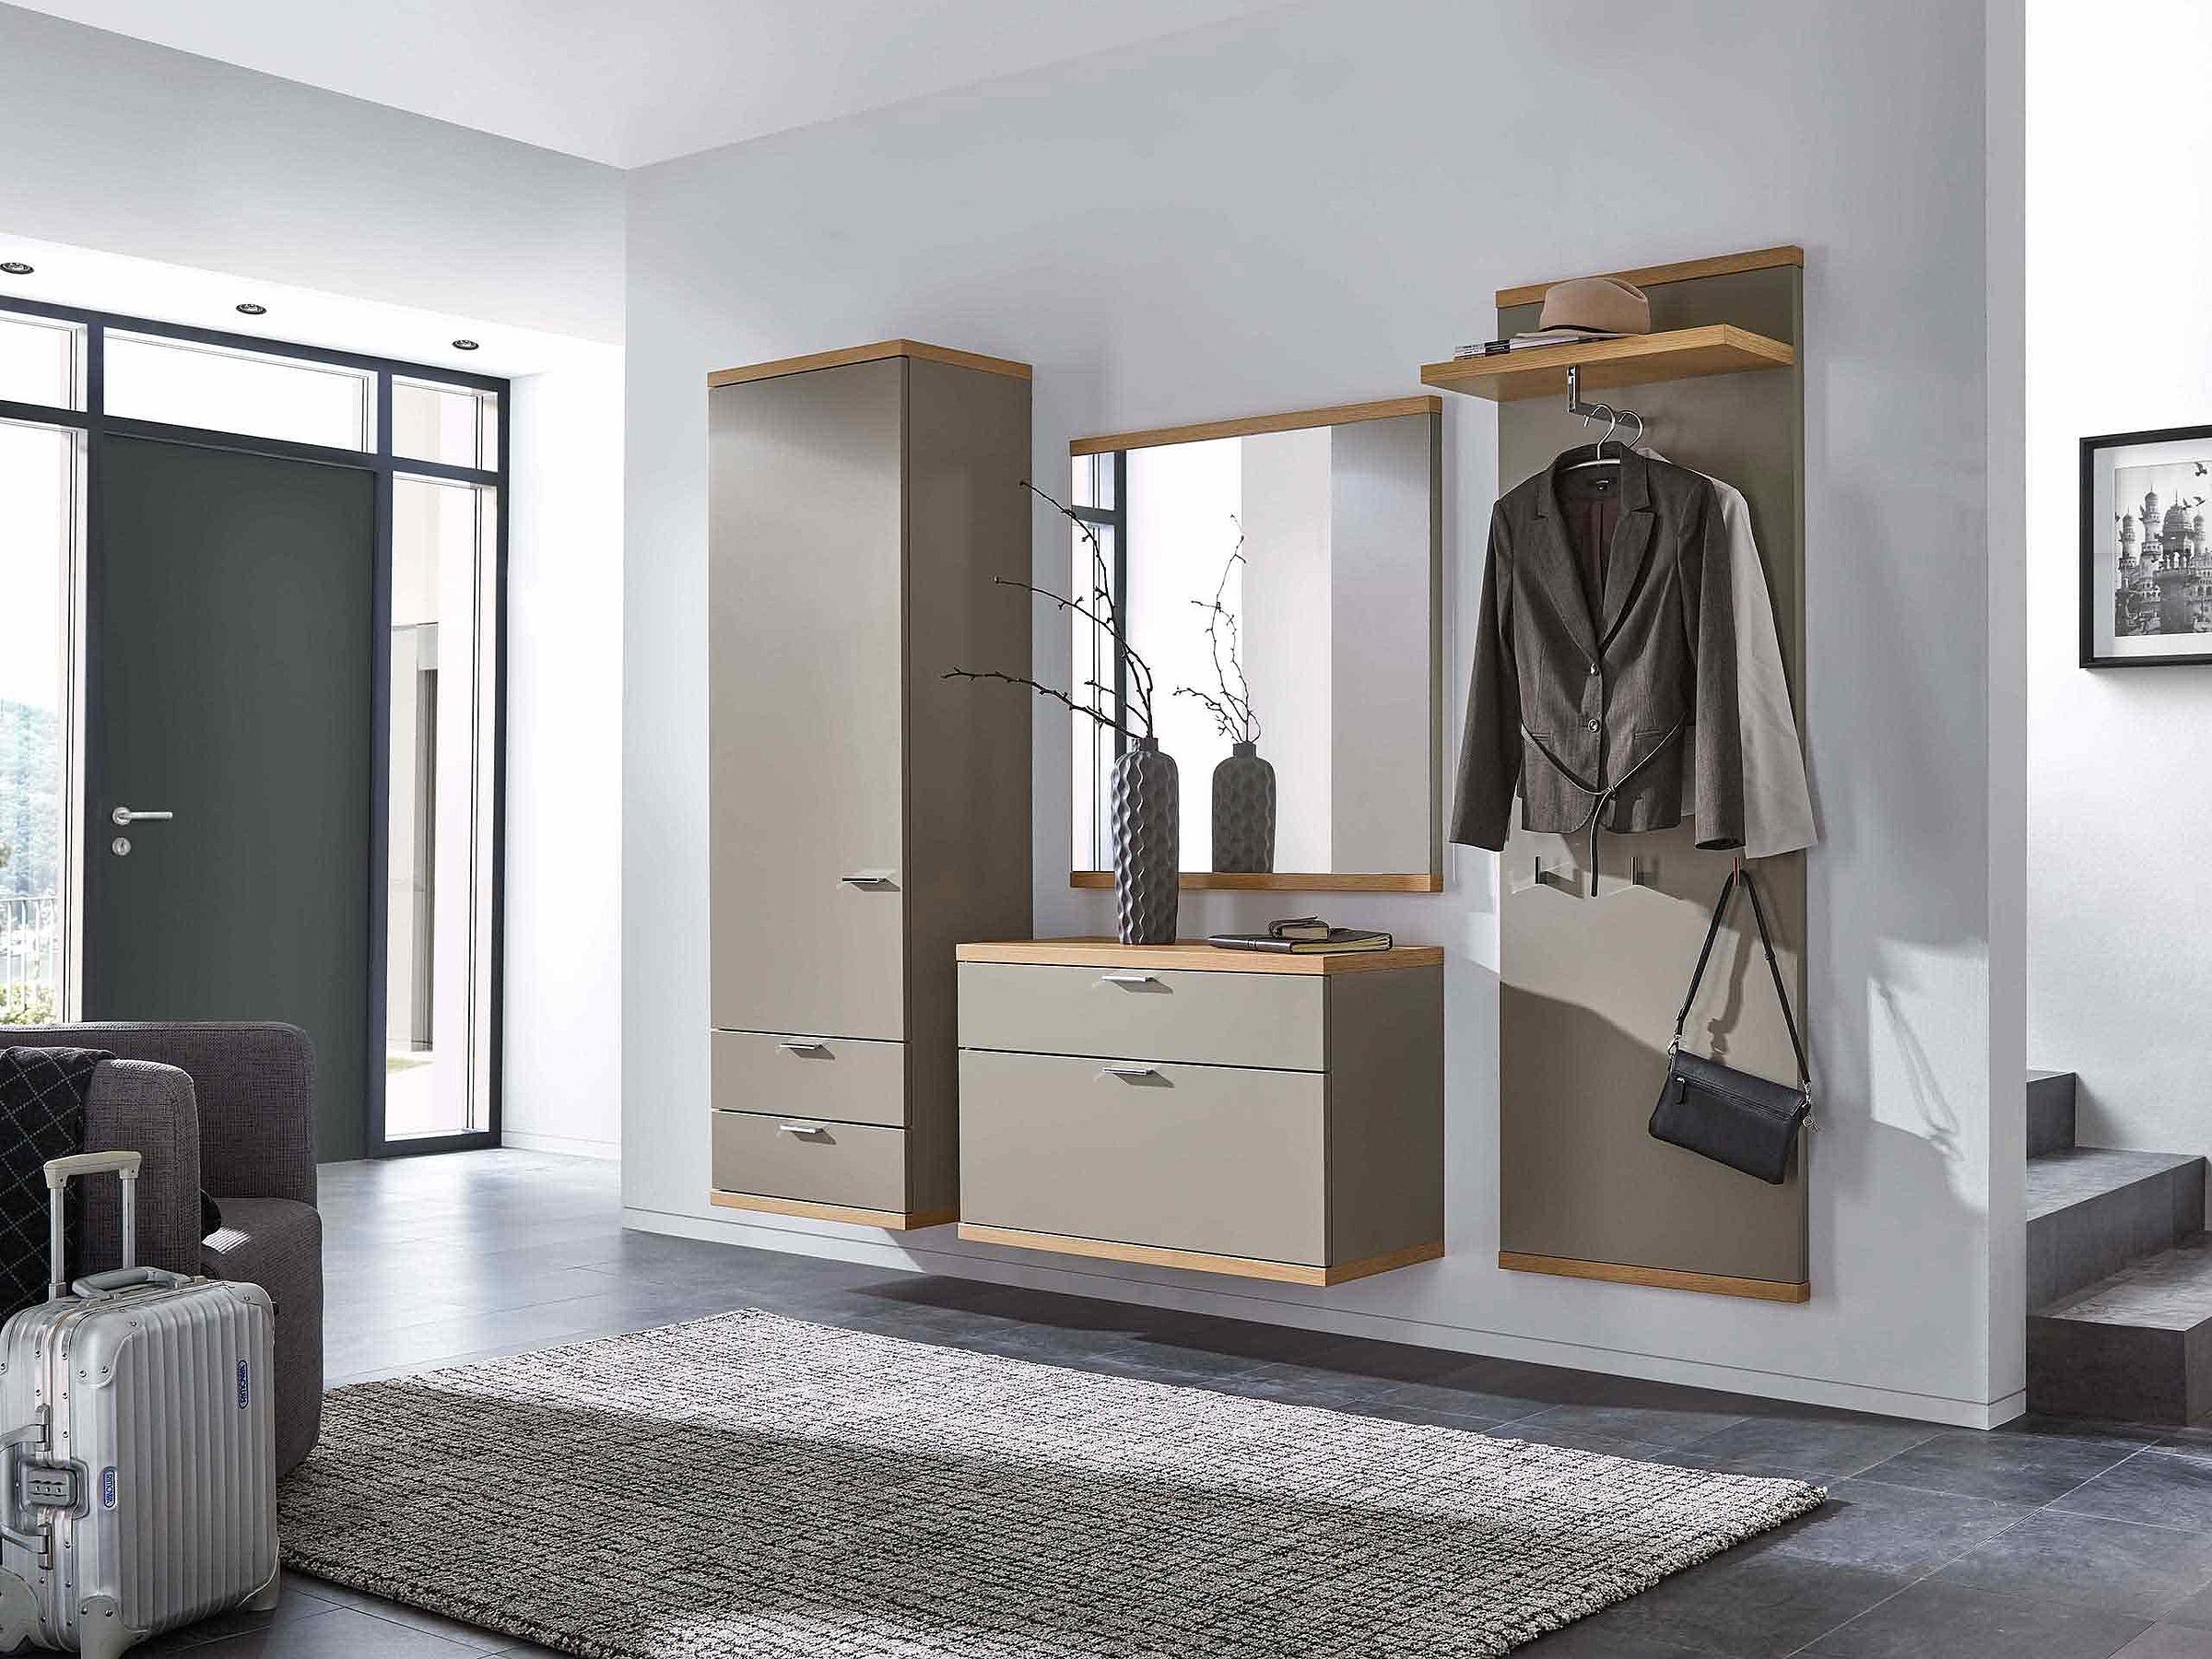 Schuhschrank hängend Garderobenpaneel hängend Spiegel Garderobe Siena